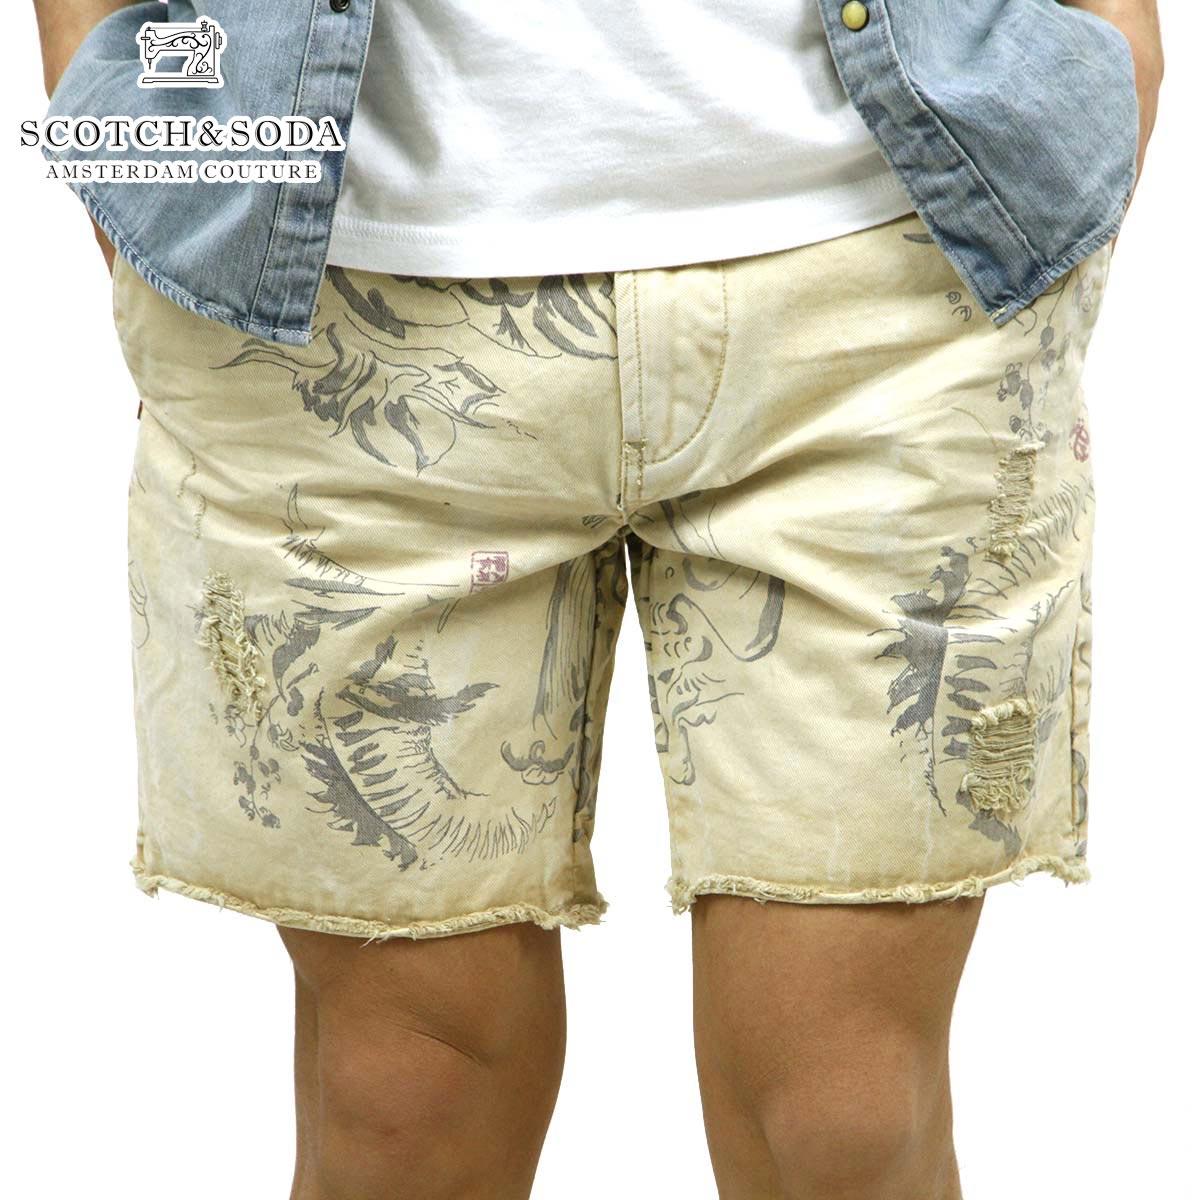 【販売期間 4/2 10:00~4/8 09:59】 スコッチアンドソーダ SCOTCH&SODA 正規販売店 メンズ ショートパンツ